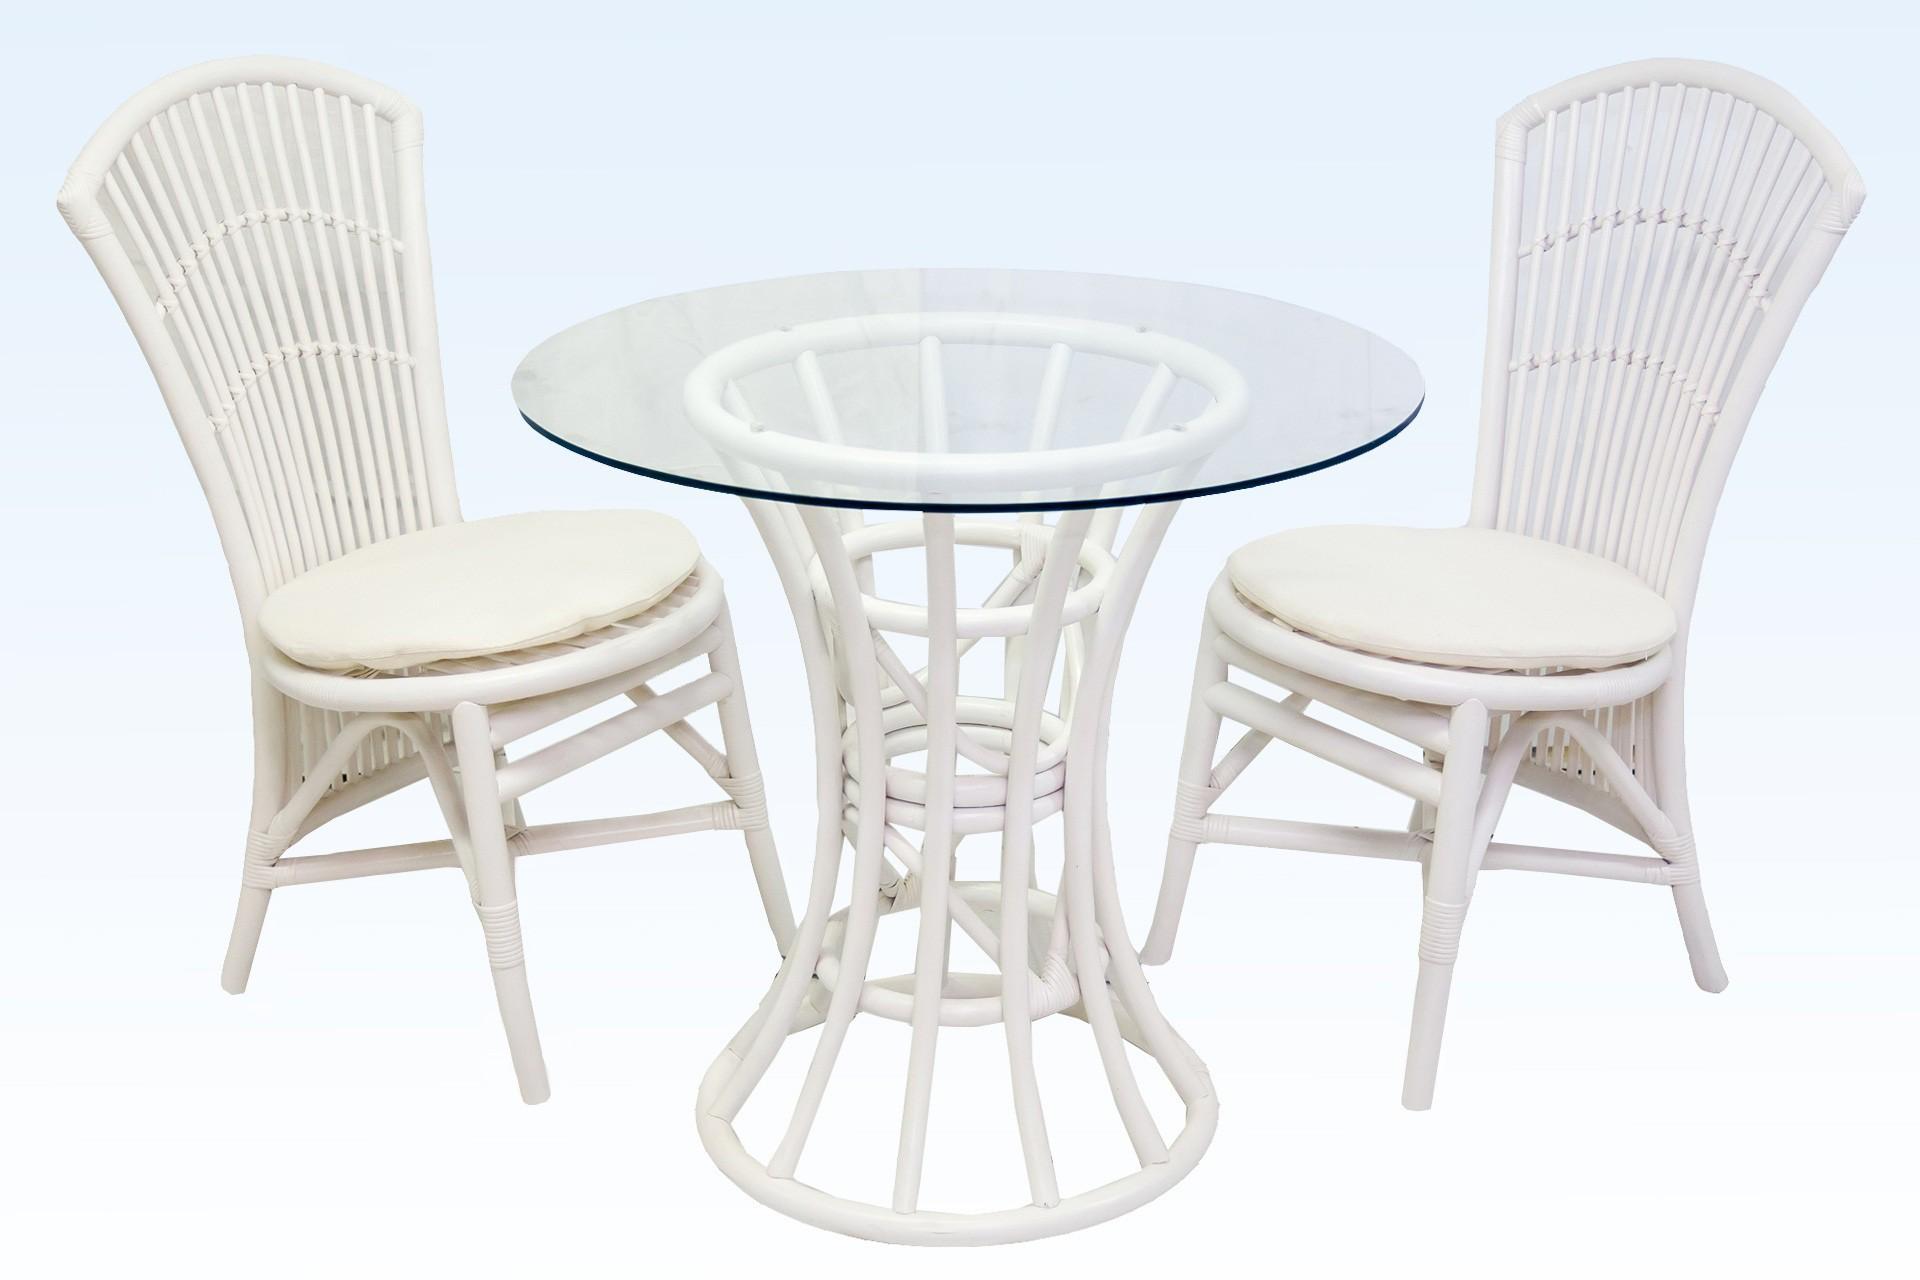 Кофейный комплект из ротанга GIKU Бистро white (стол и два стула)